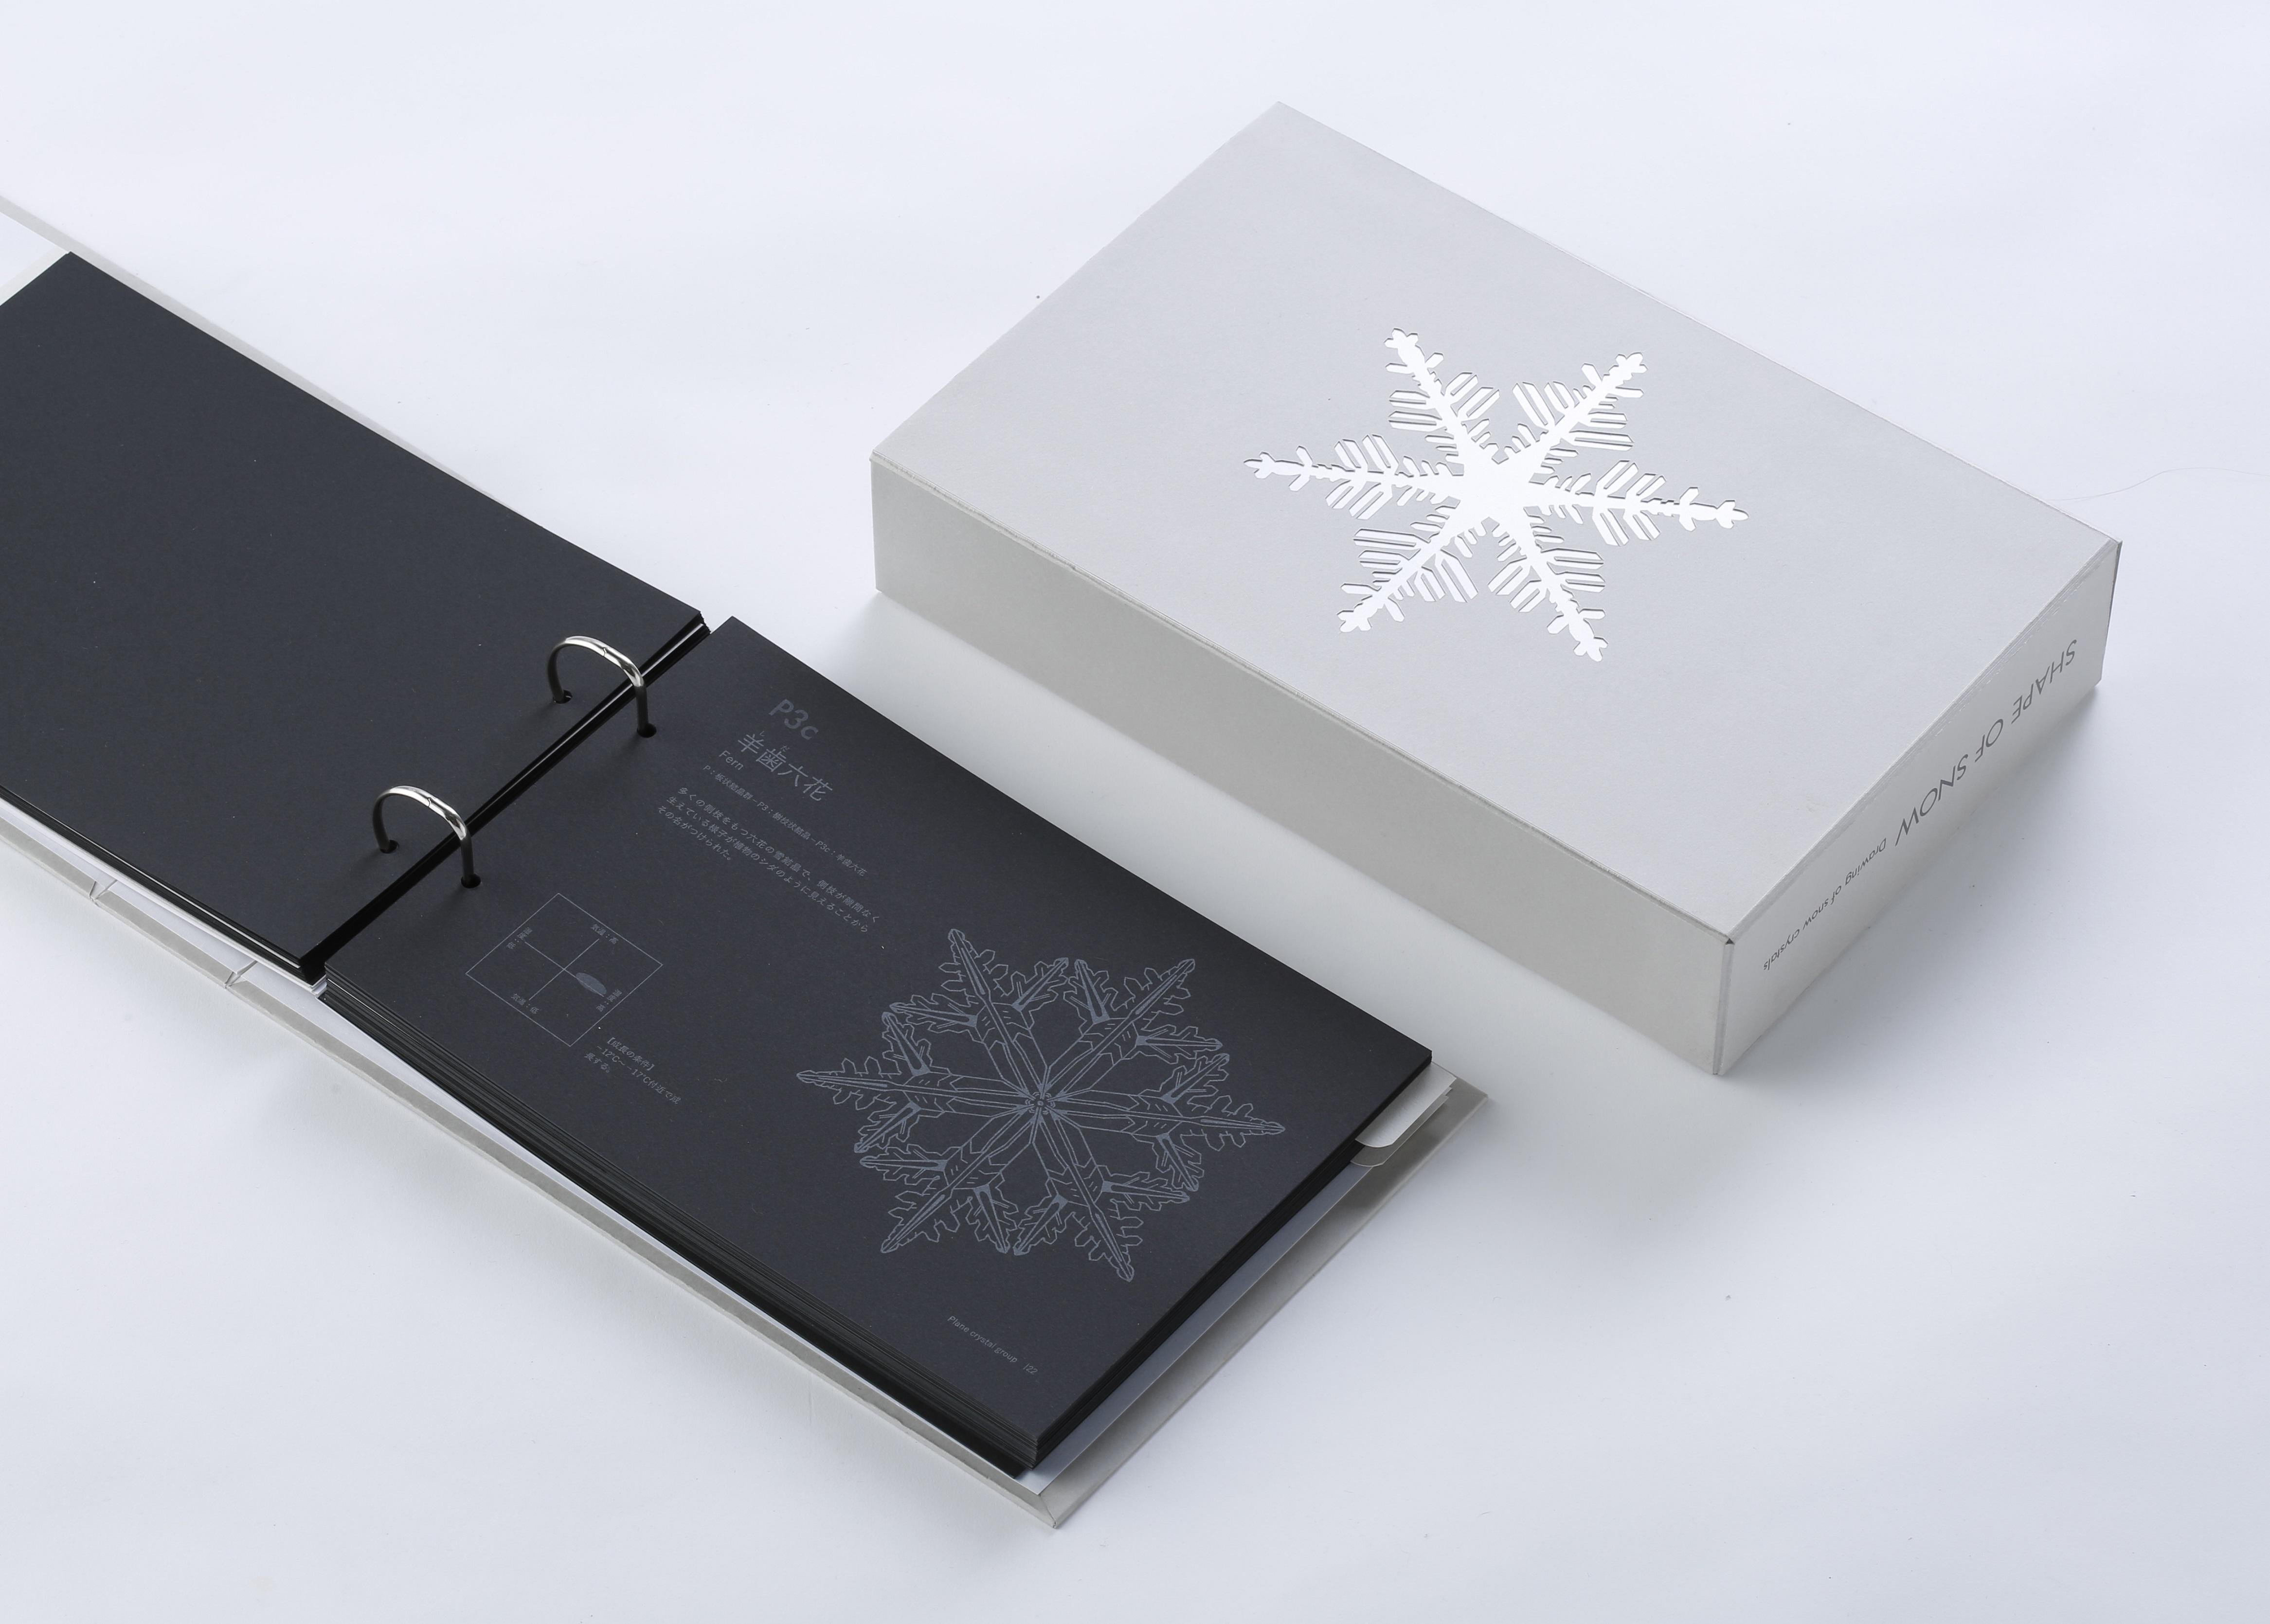 第10回 金賞「SHAPE OF SNOW」 作者:鎌倉 恭子(かまくら きょうこ・神奈川県)